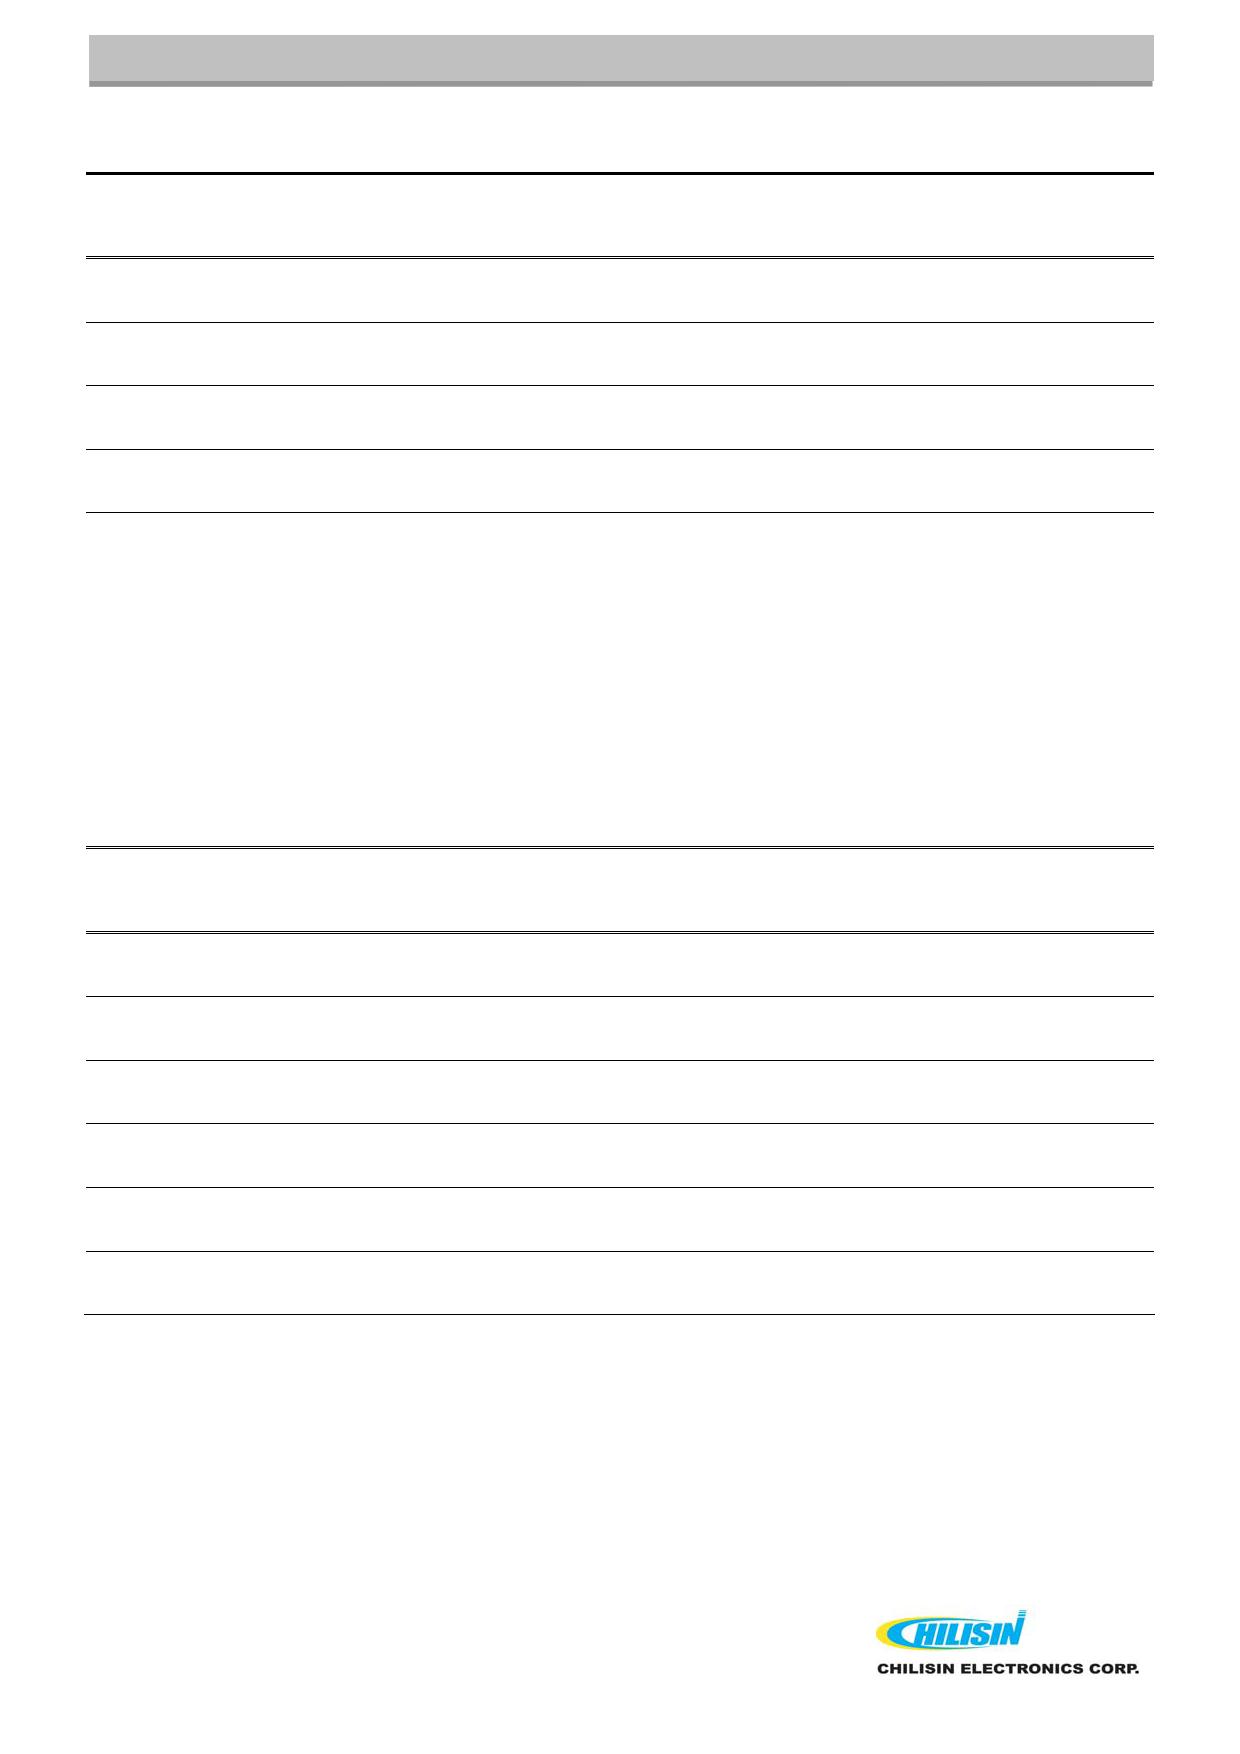 SQC322517HP pdf, 반도체, 판매, 대치품